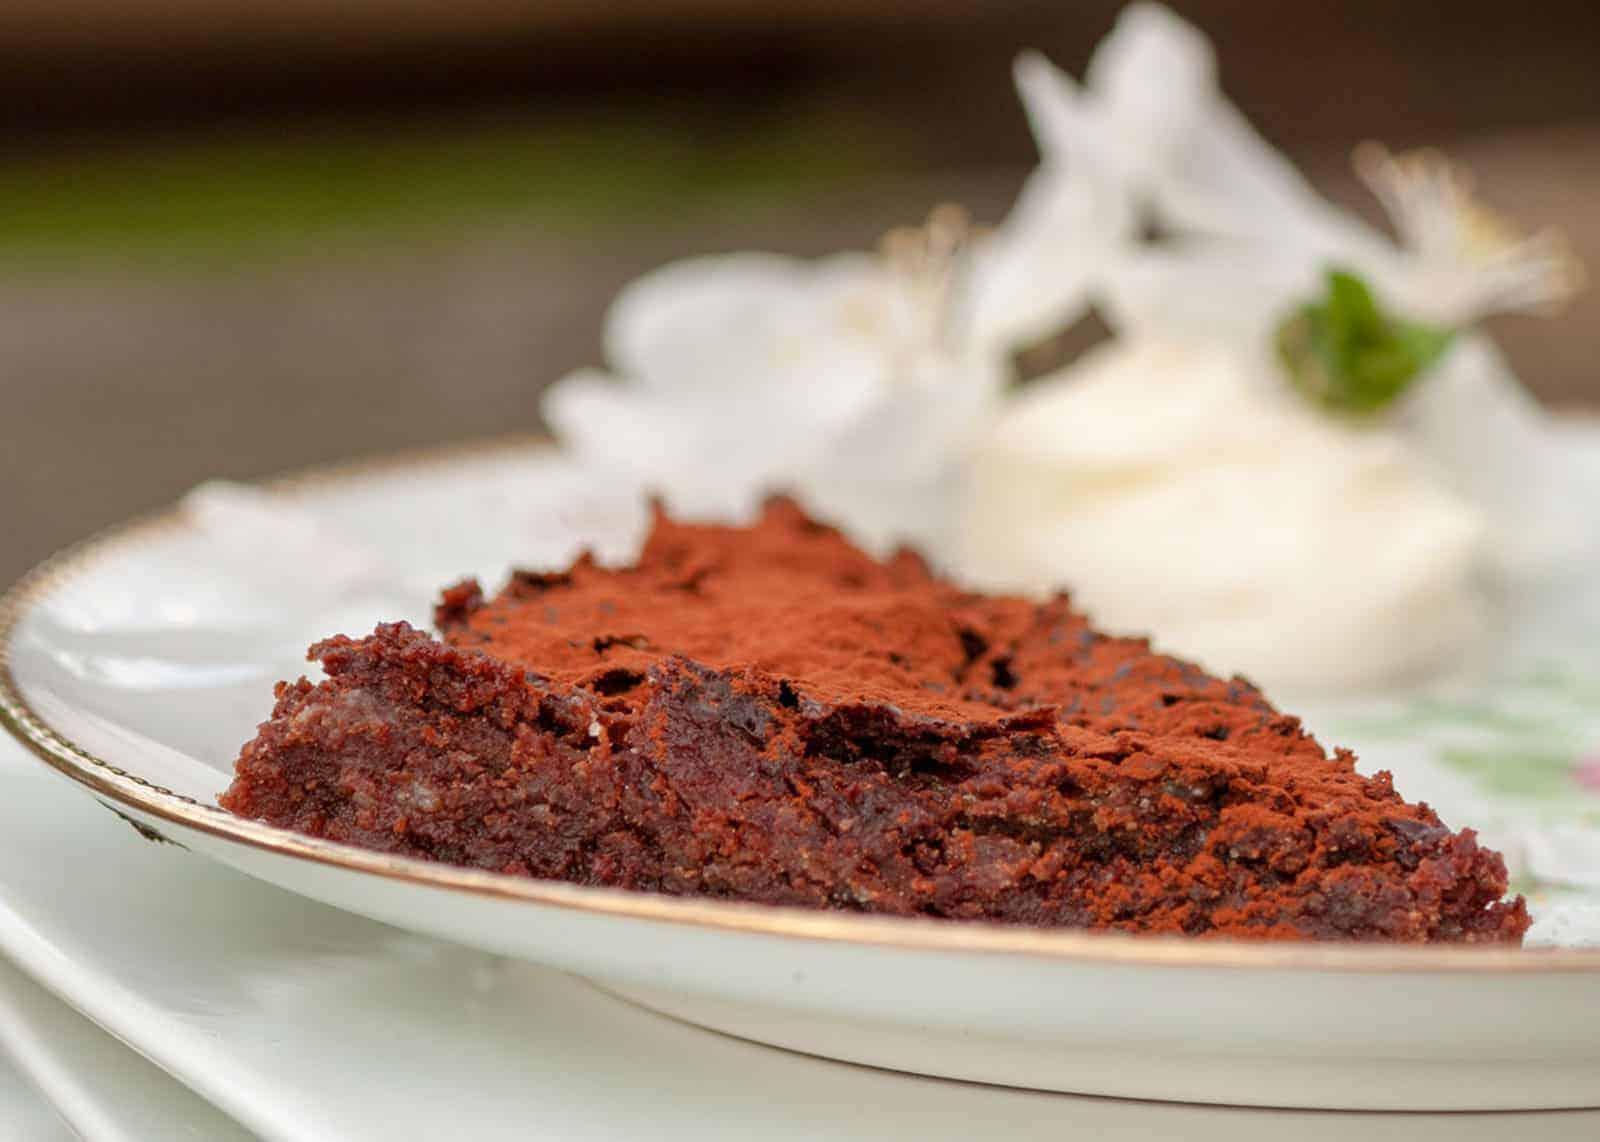 A dream of dark chocolate recipe